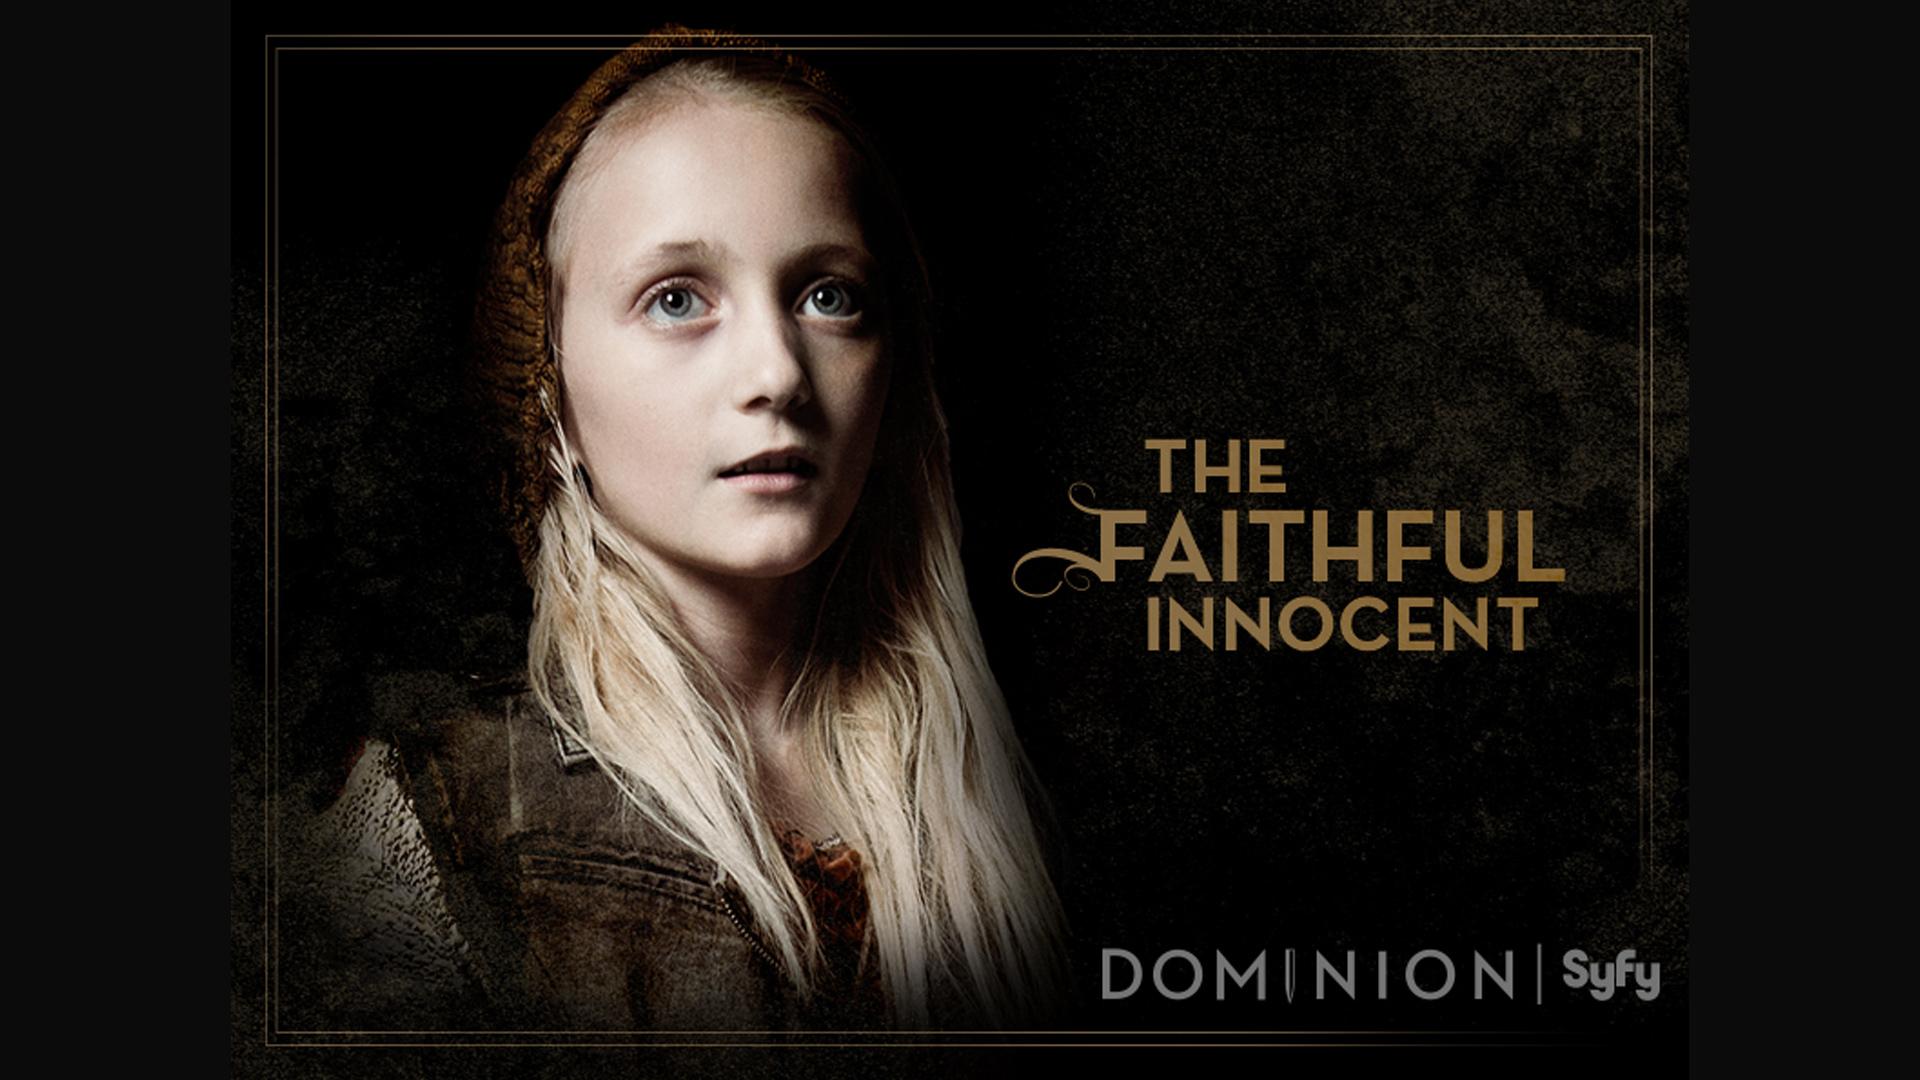 Dominion: immagine promozionale per la prima stagione